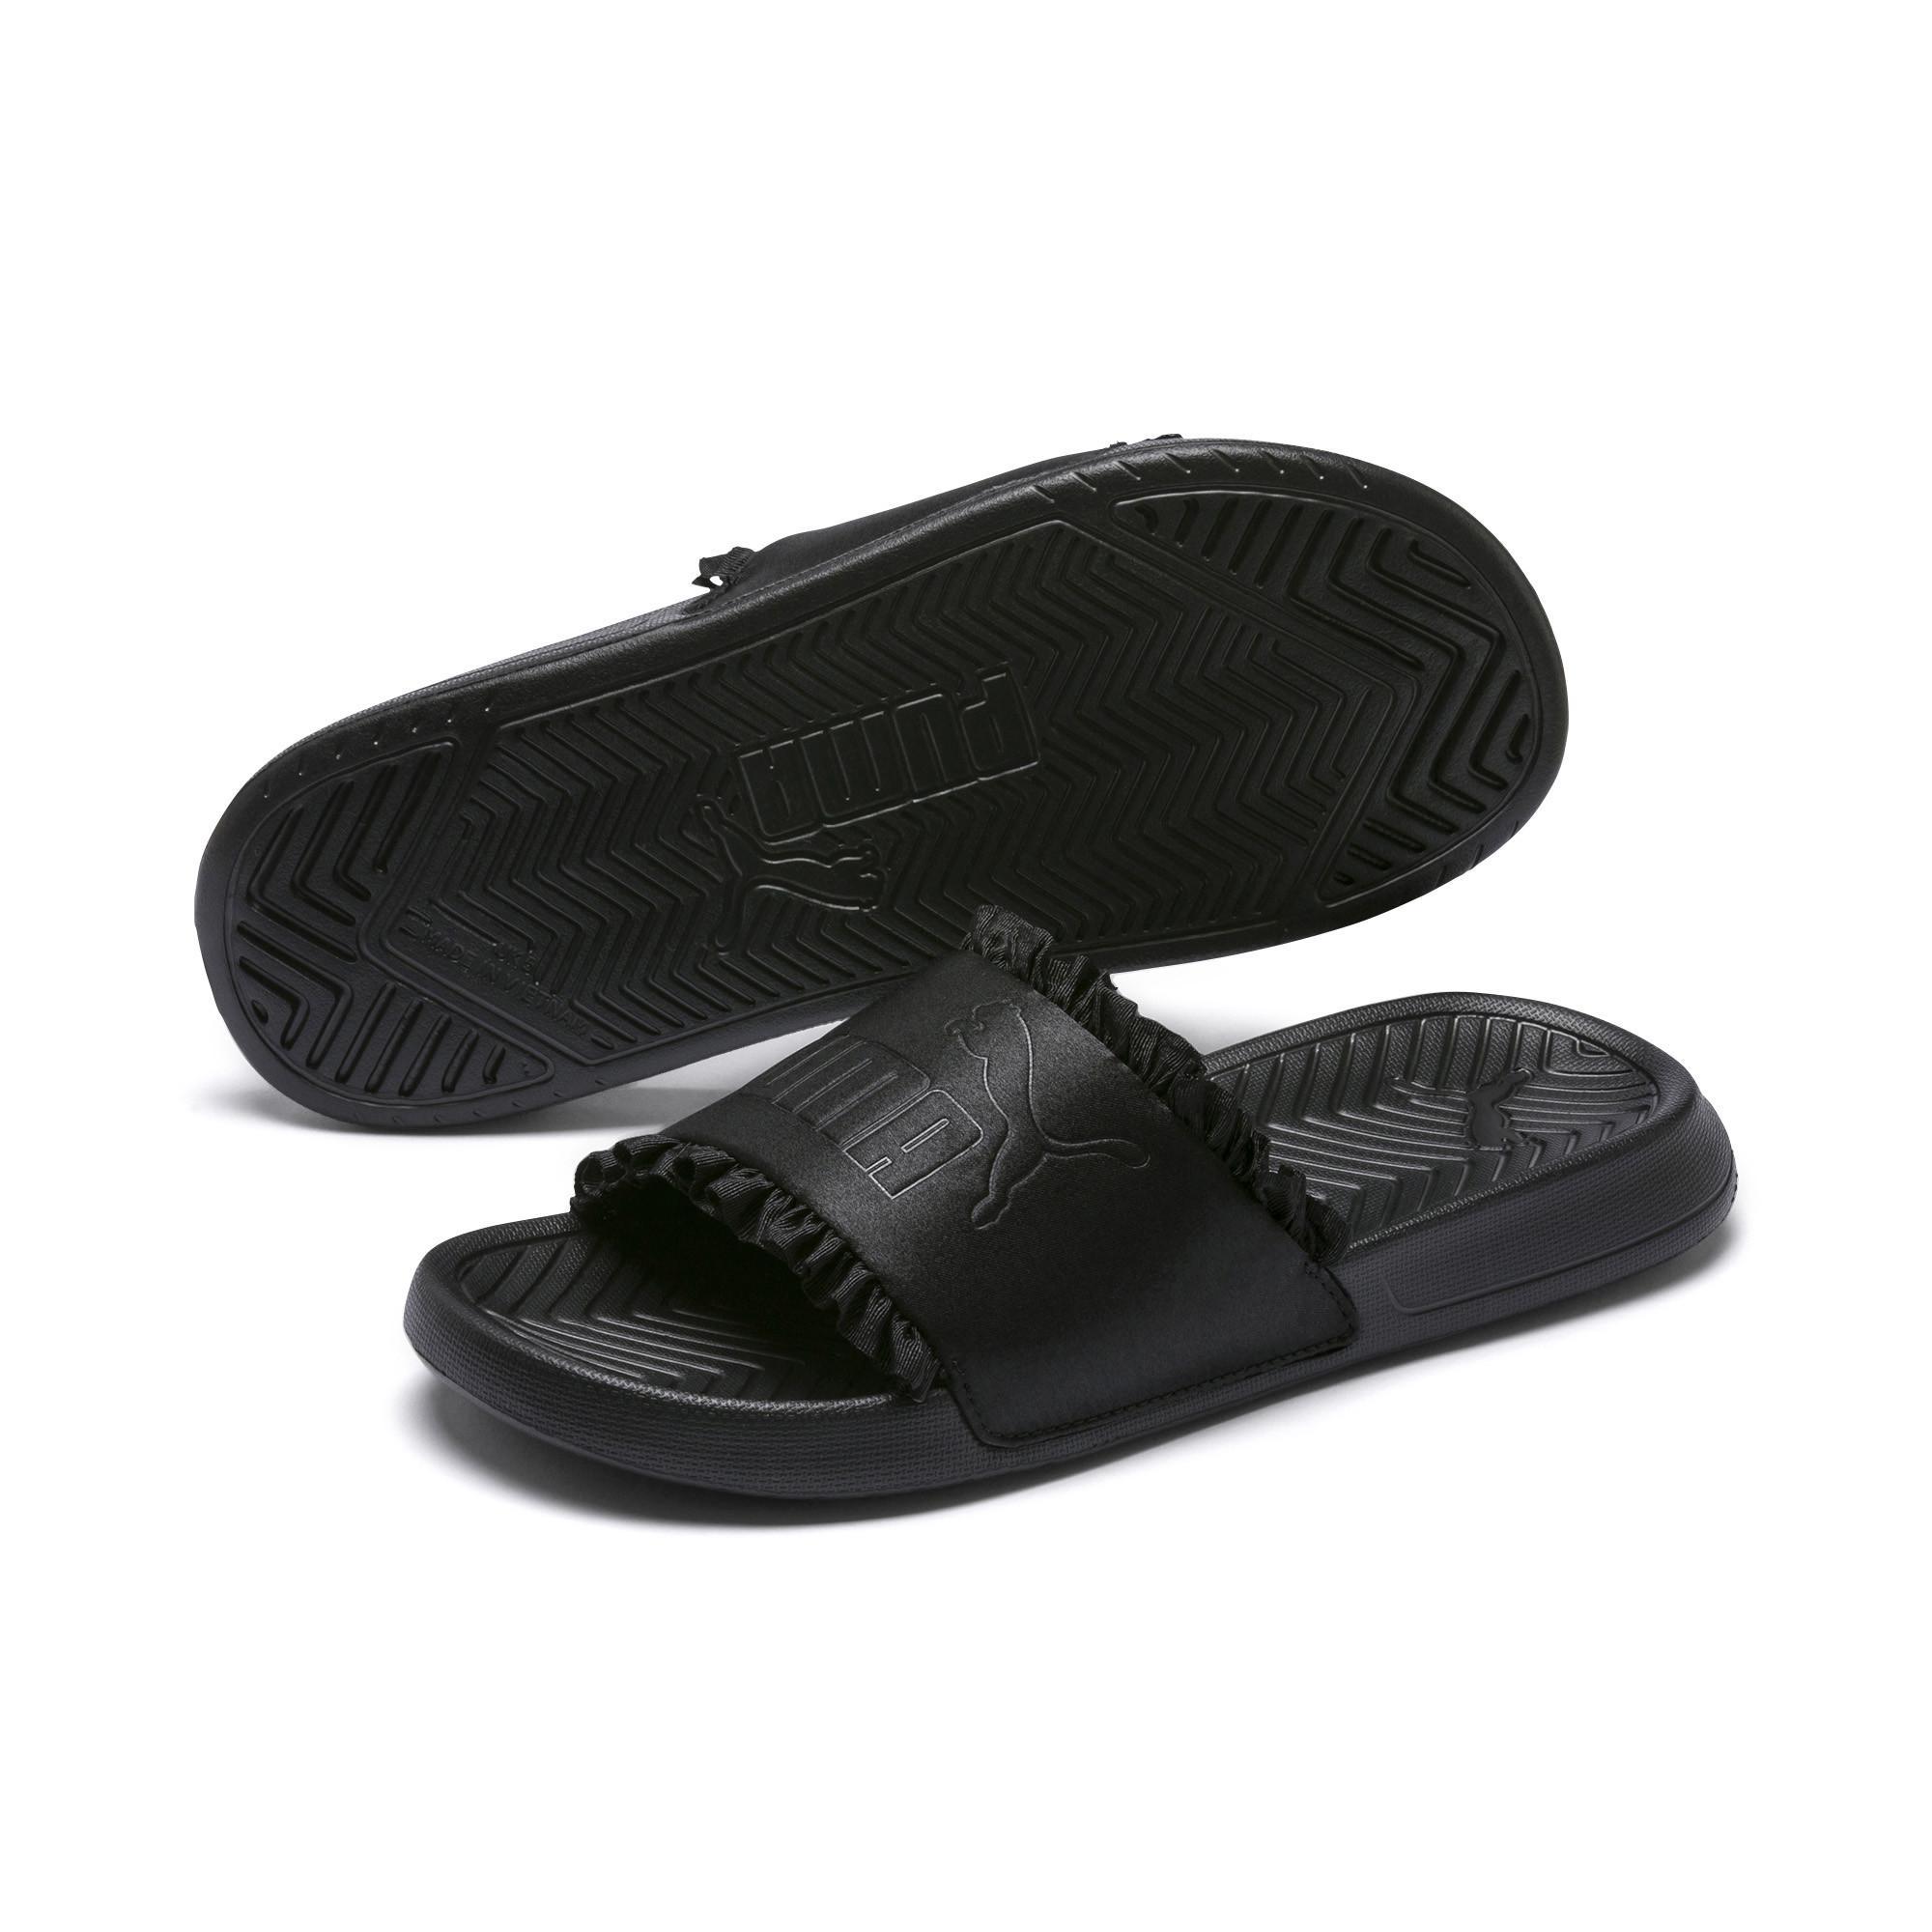 cf72b71ef6c9 PUMA - Black Popcat Silk Women s Slide Sandals - Lyst. View fullscreen